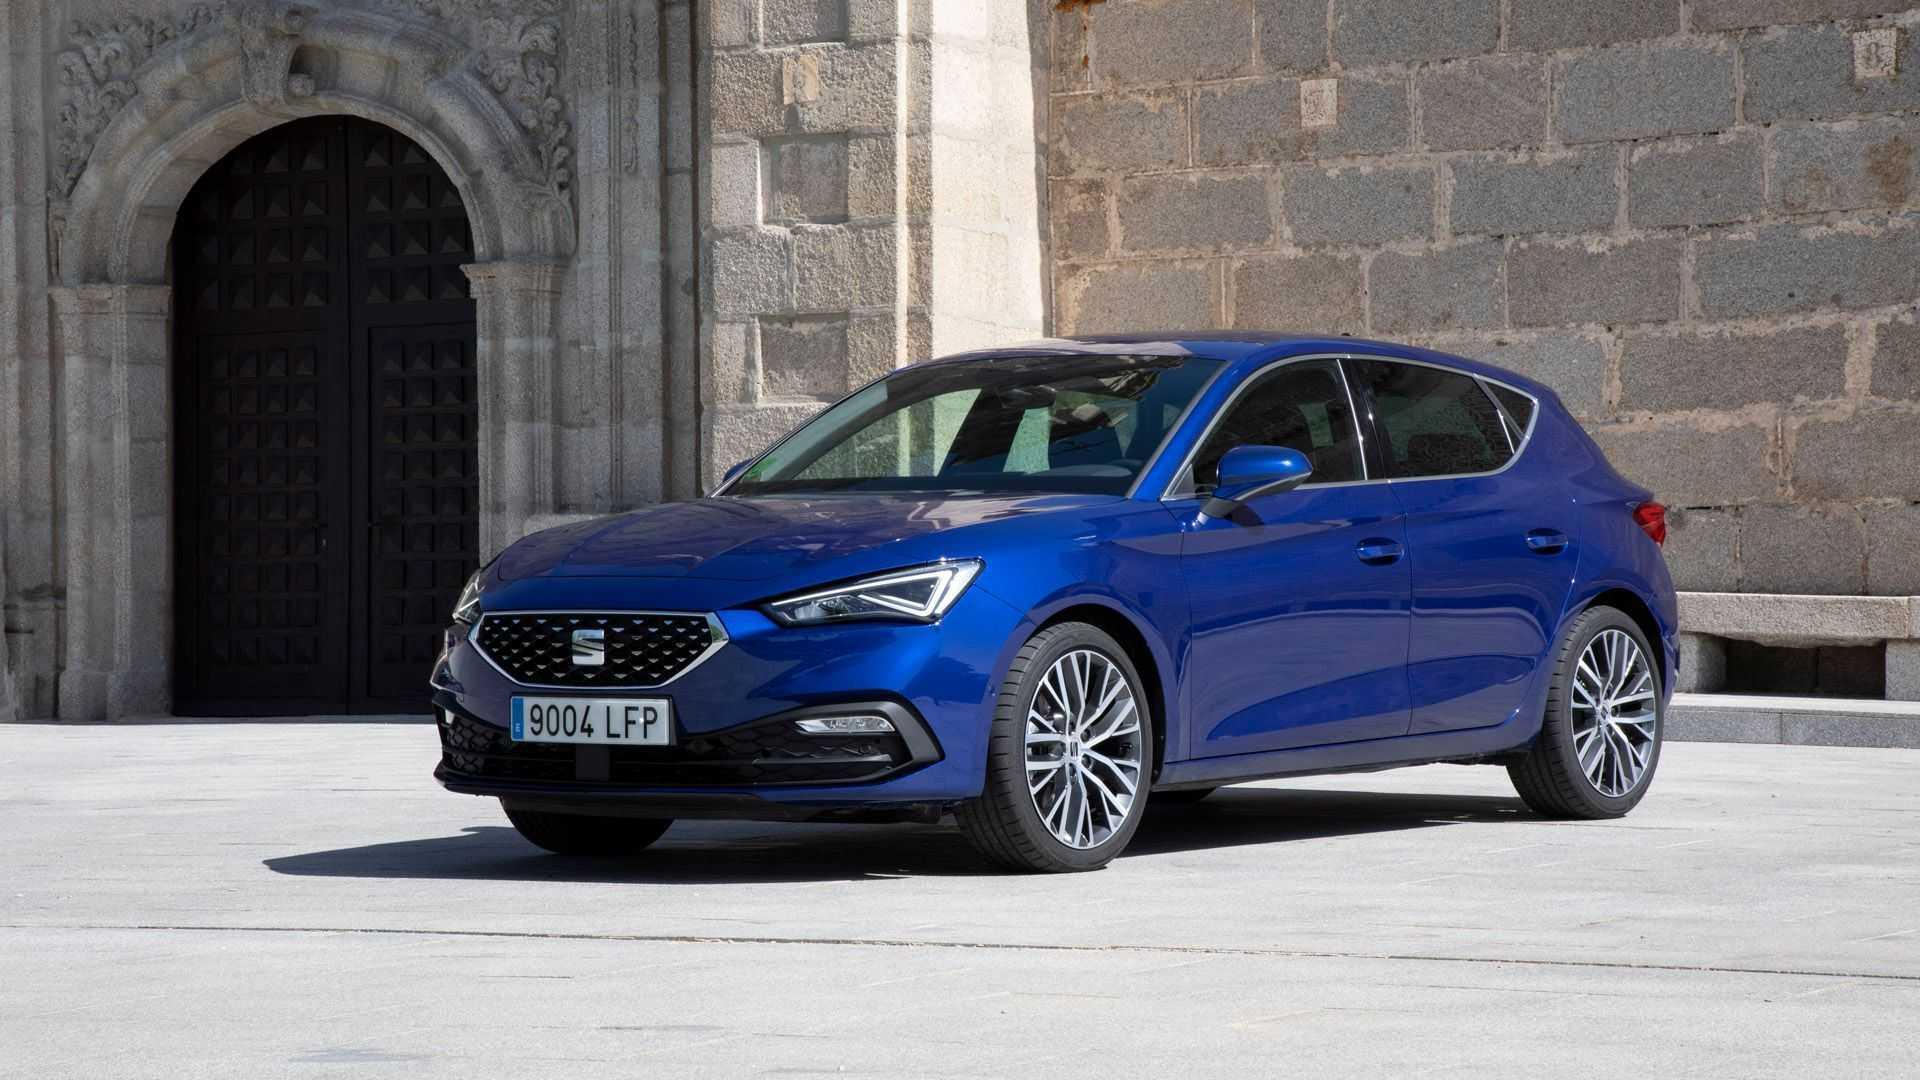 Prueba SEAT León 2020: así es la nueva generación del compacto